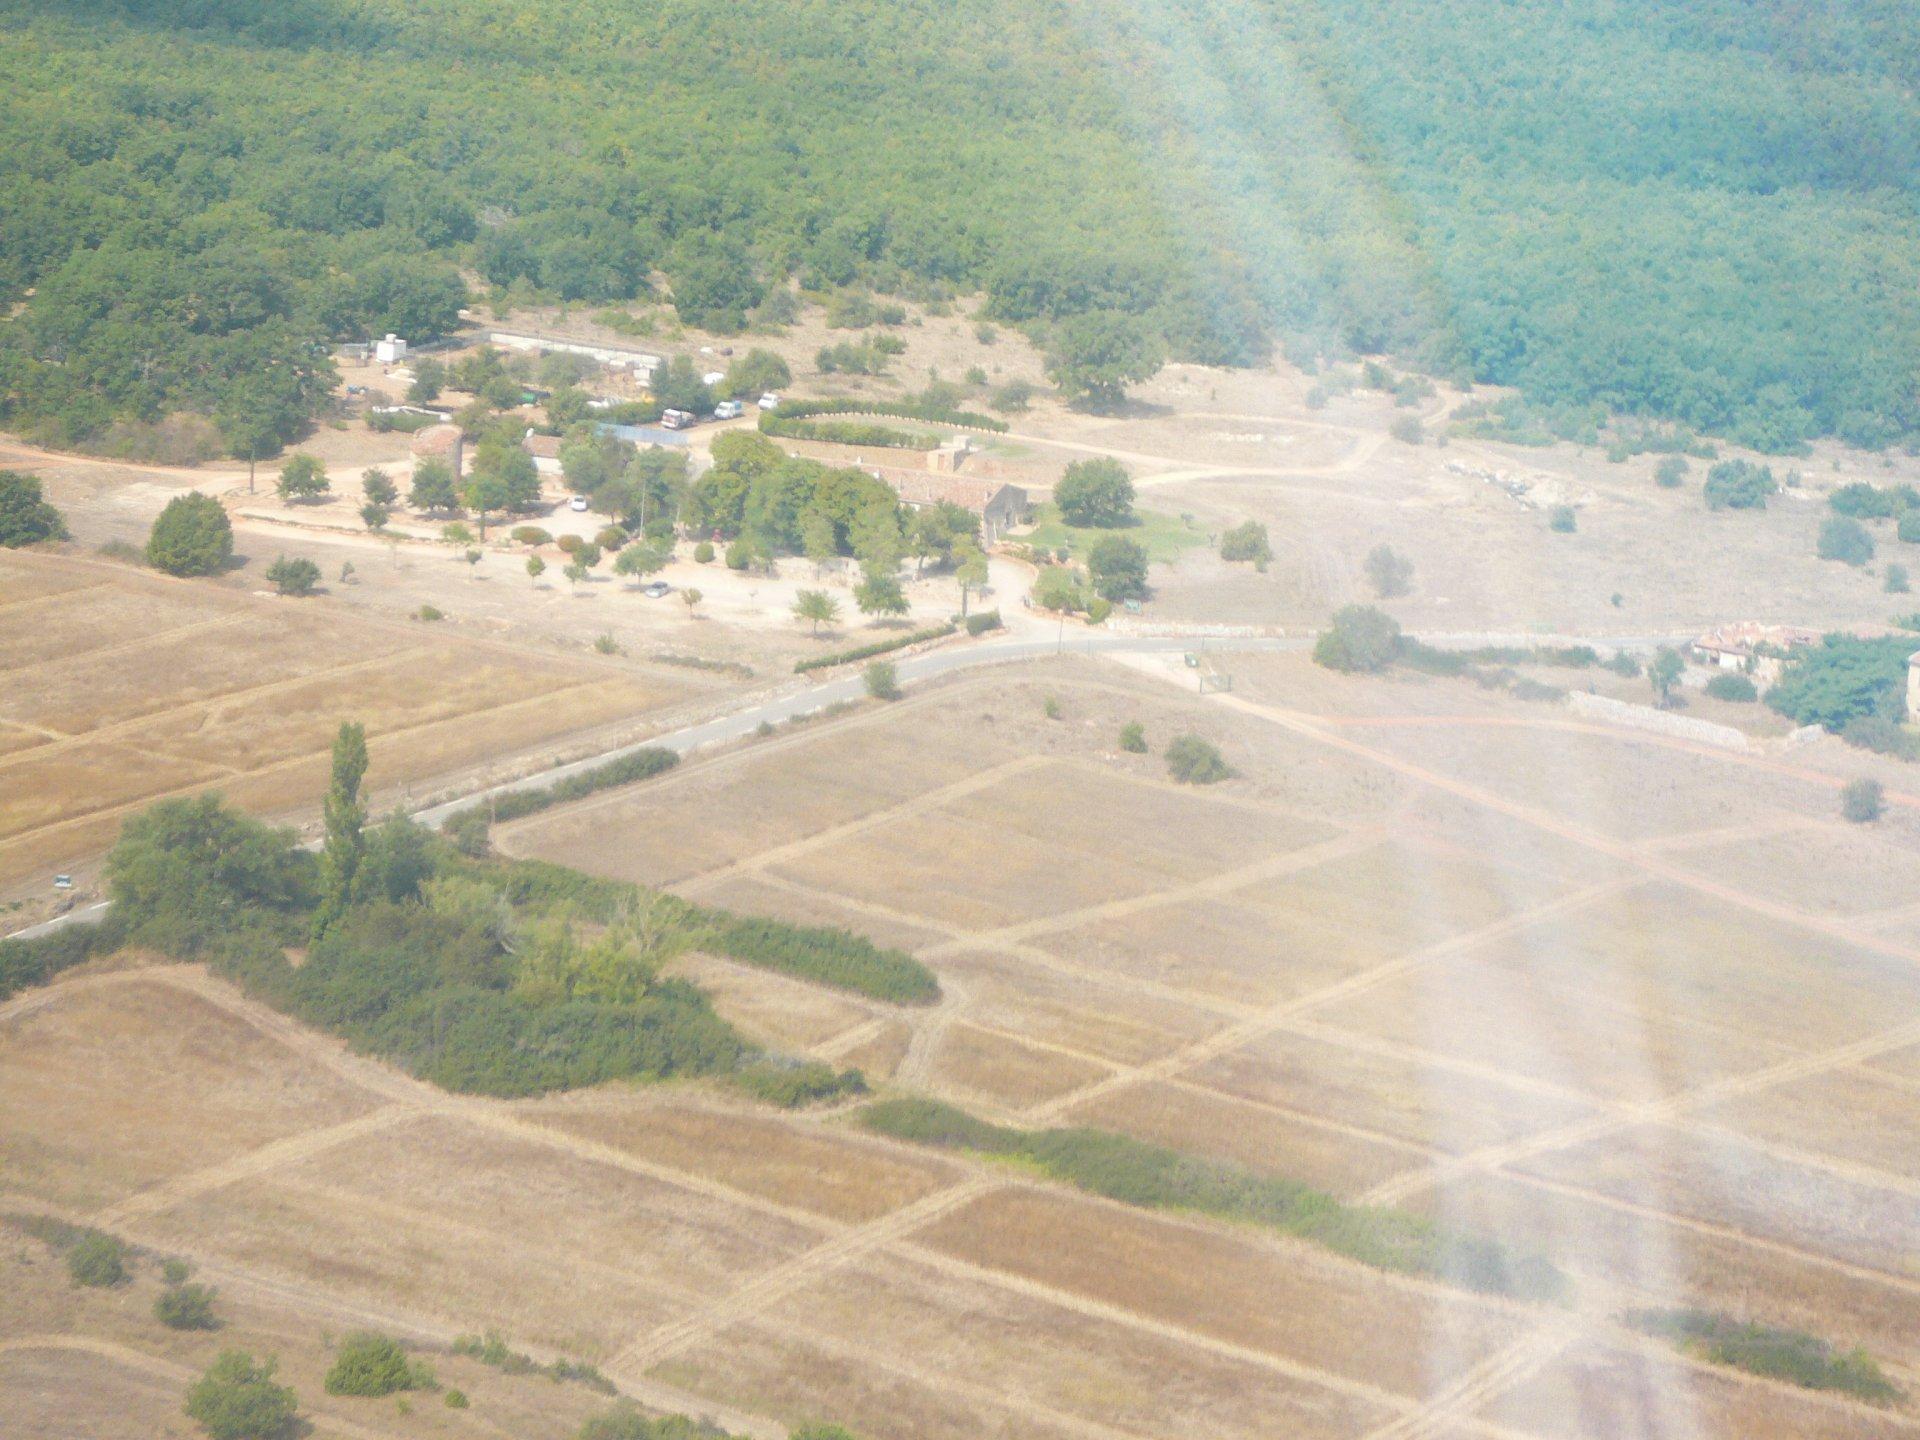 DOMAINE DE CHASSE 220 HECTARES / PROCHE D'AIX-EN-PROVENCE